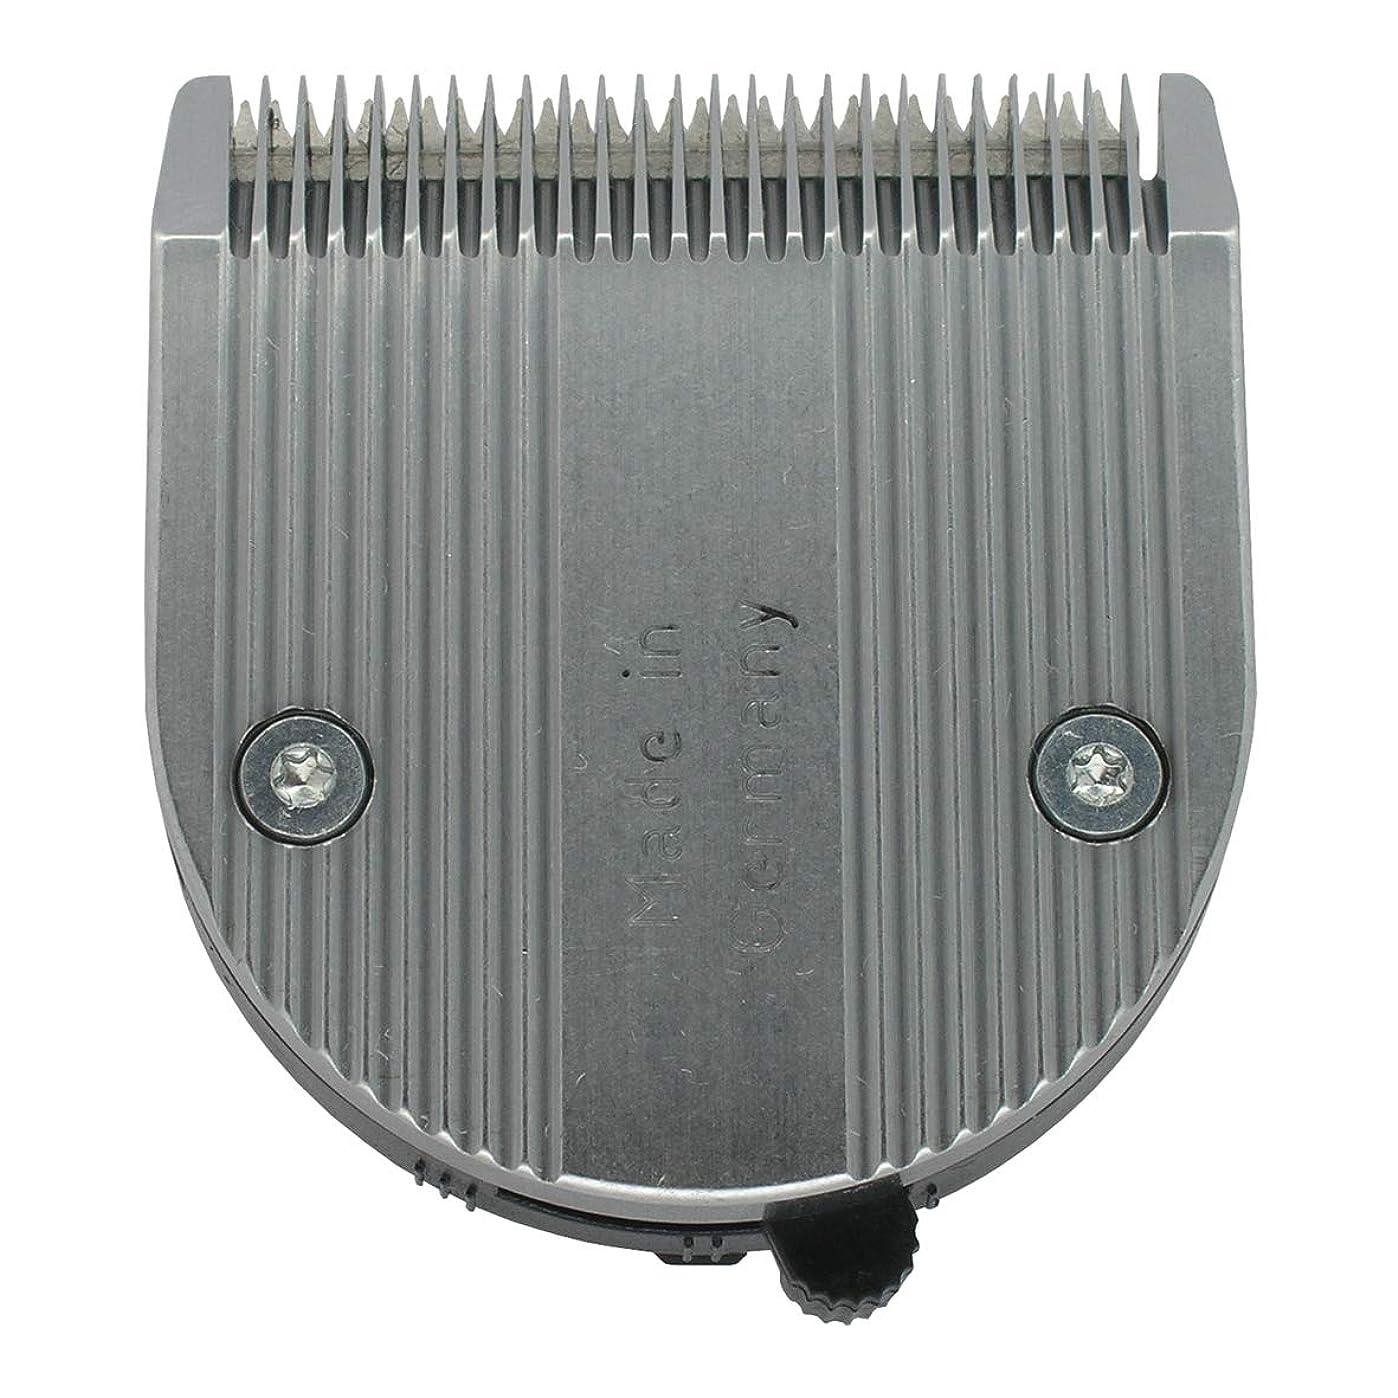 多年生メルボルン自動的にWAHL クロムスタイル/ベリッシマ用替刃 可変0.6~3mm KM1854-7505